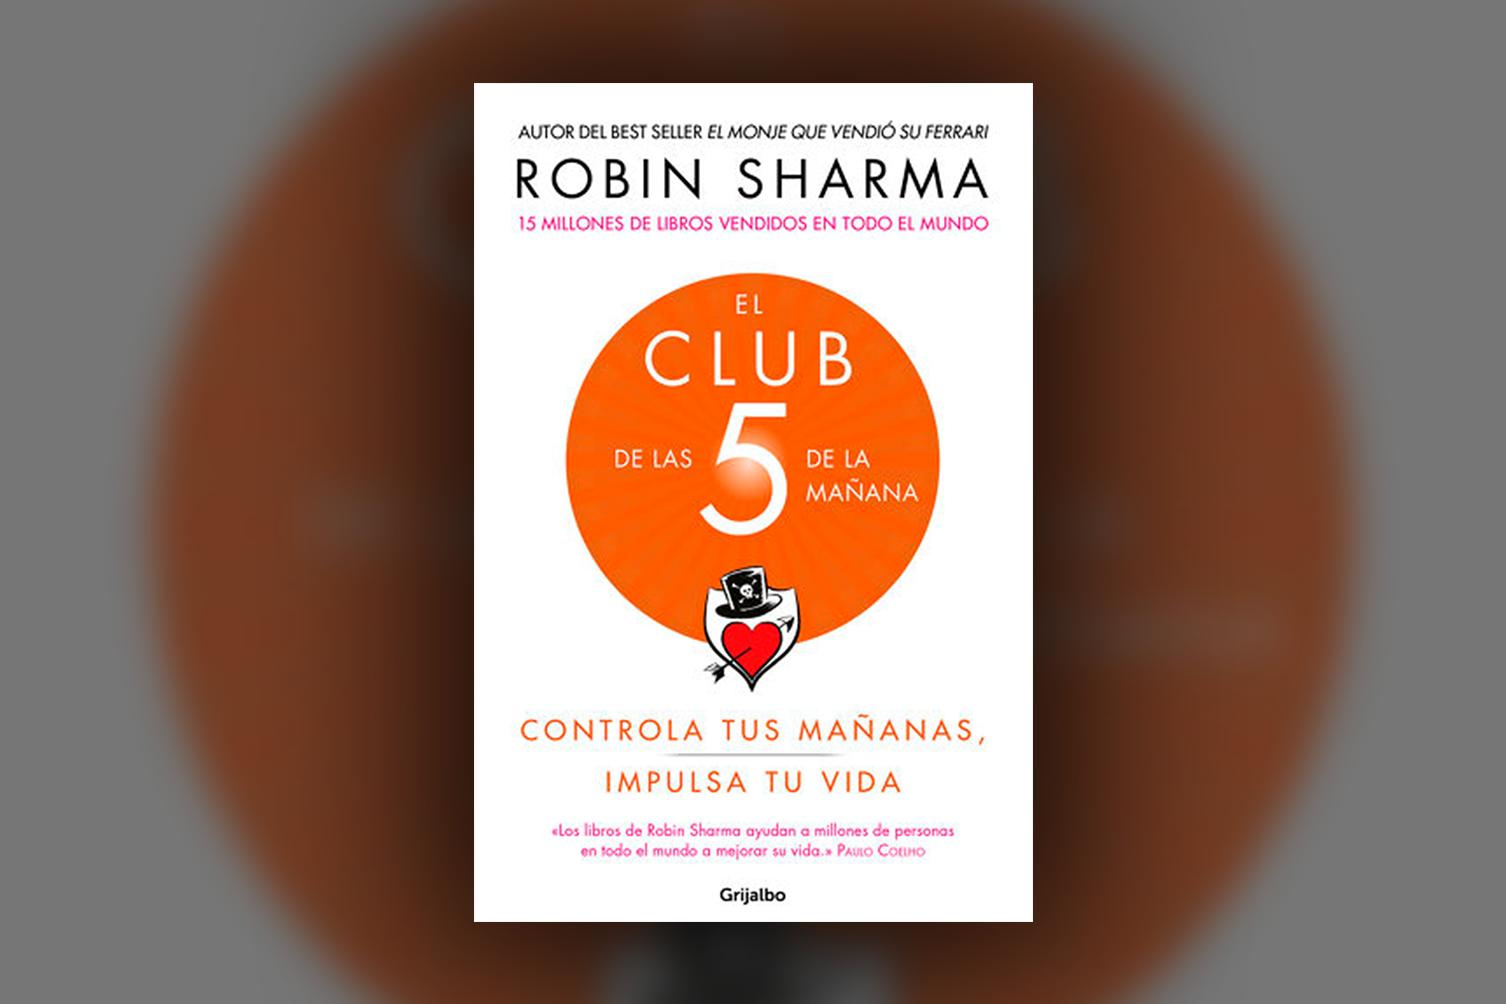 Imagen-Principal-El-Club-de-las-5AM-Robin-Sharma